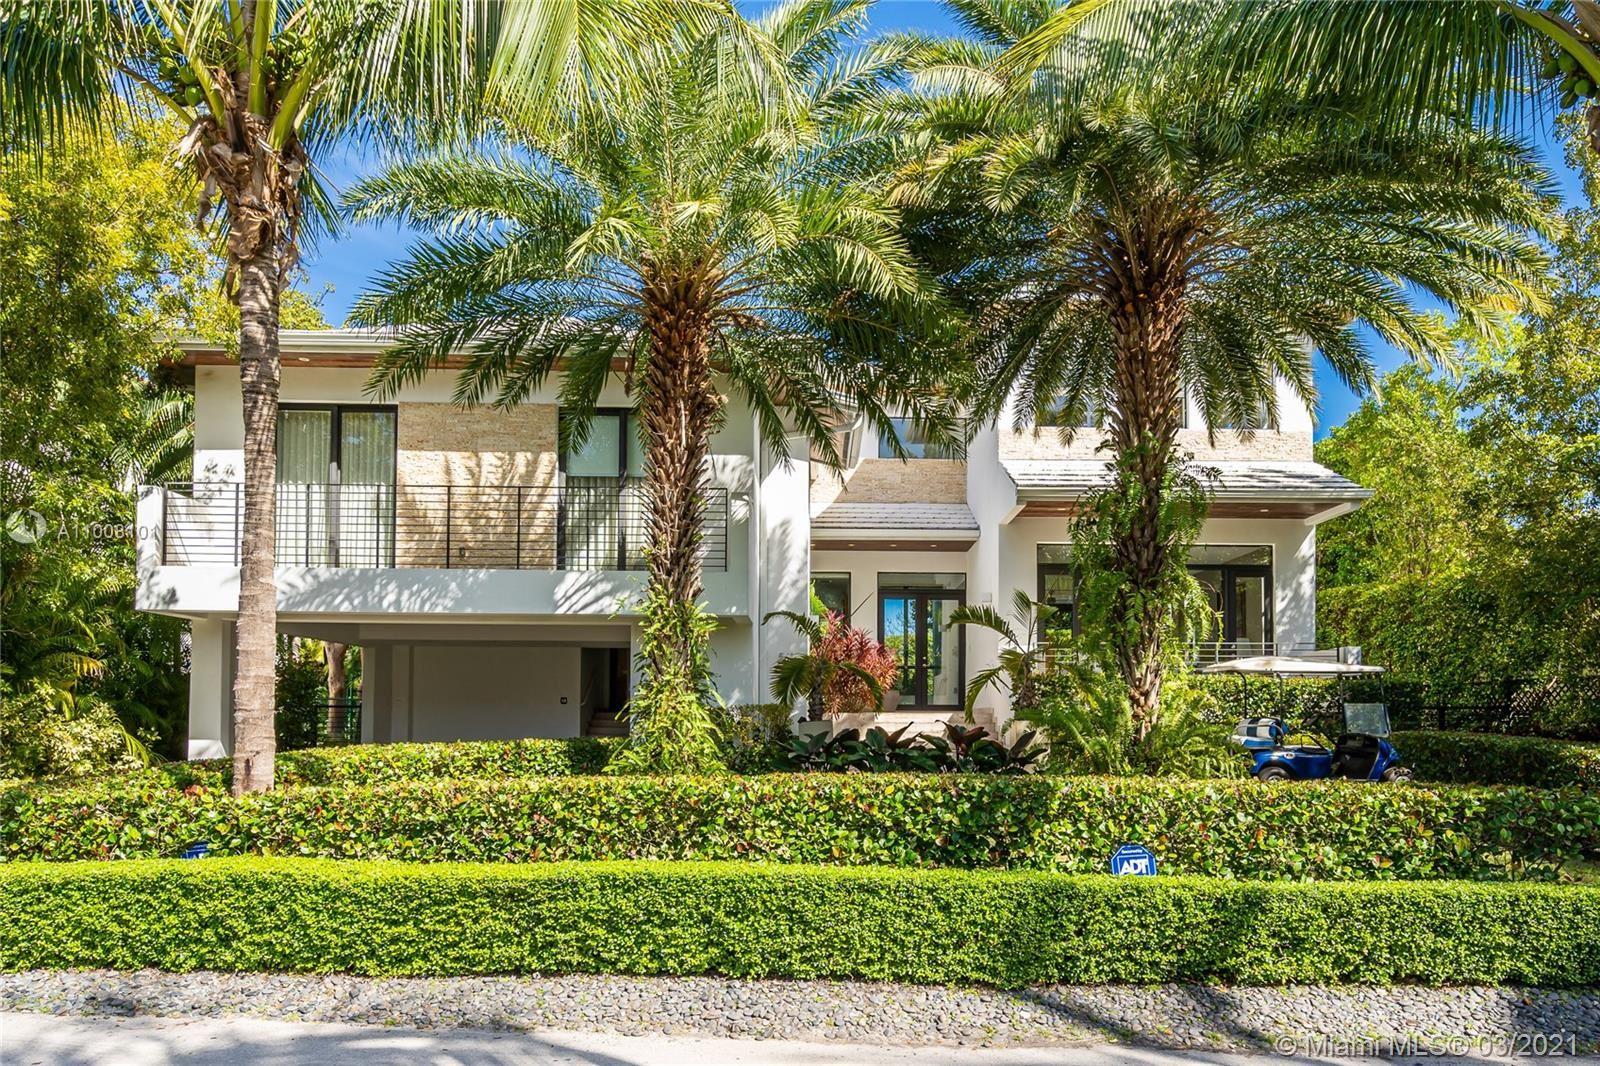 561 Hampton Ln, Key Biscayne, FL 33149 - #: A11008101